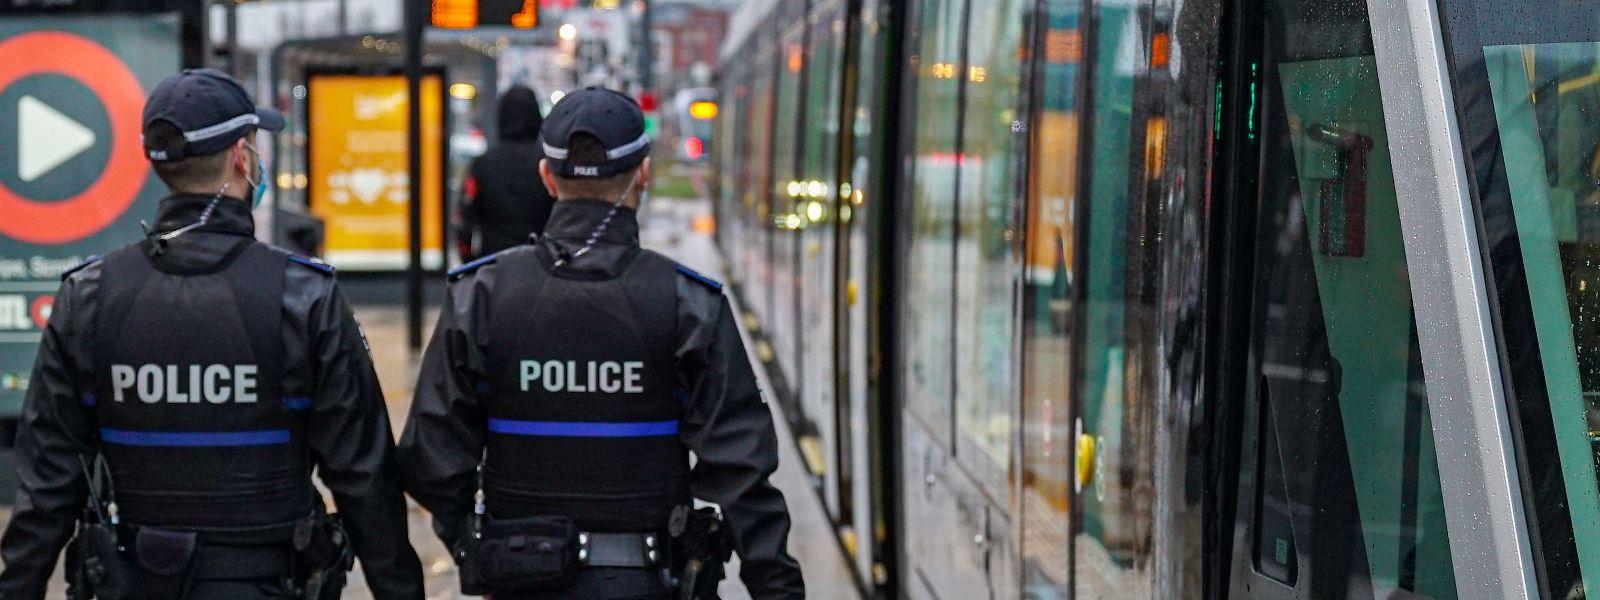 Neben Polizisten sind vom 15. Mai an auch erneut private Sicherheitsdienste in der Hauptstadt auf Patrouille.